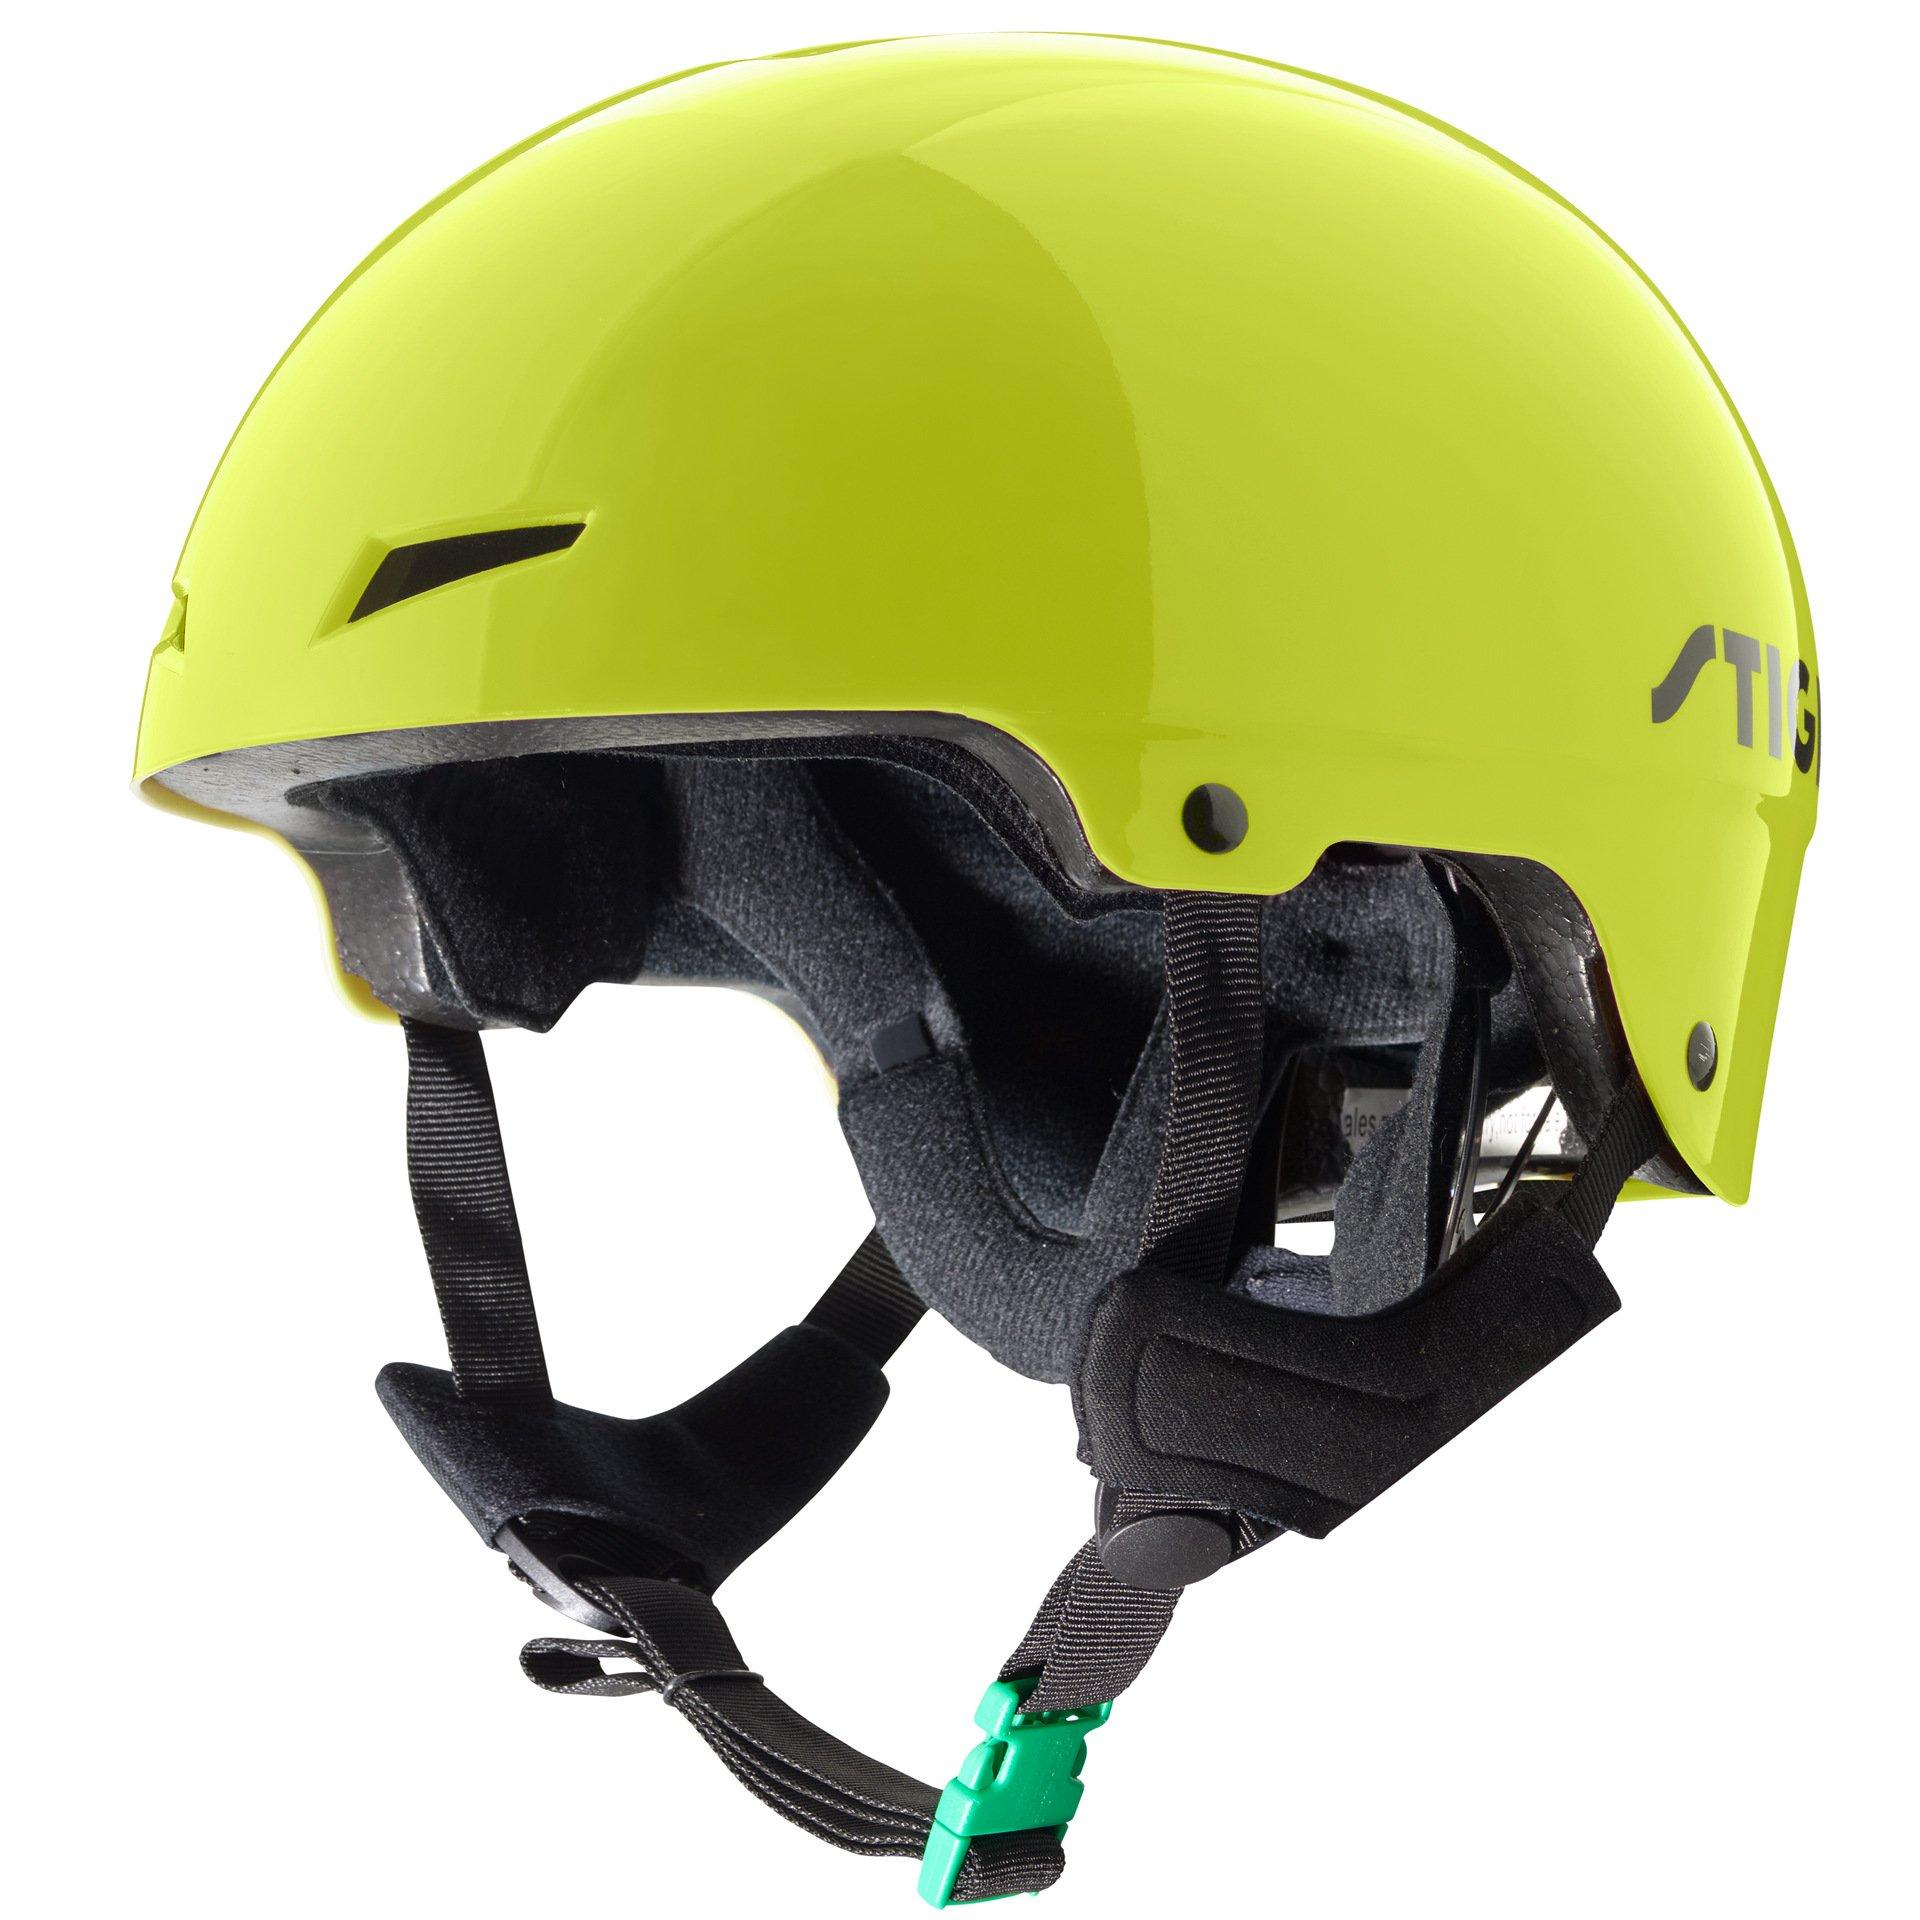 Stiga - Kids Helmet Play - Green S (48-52) (82-5049-04)